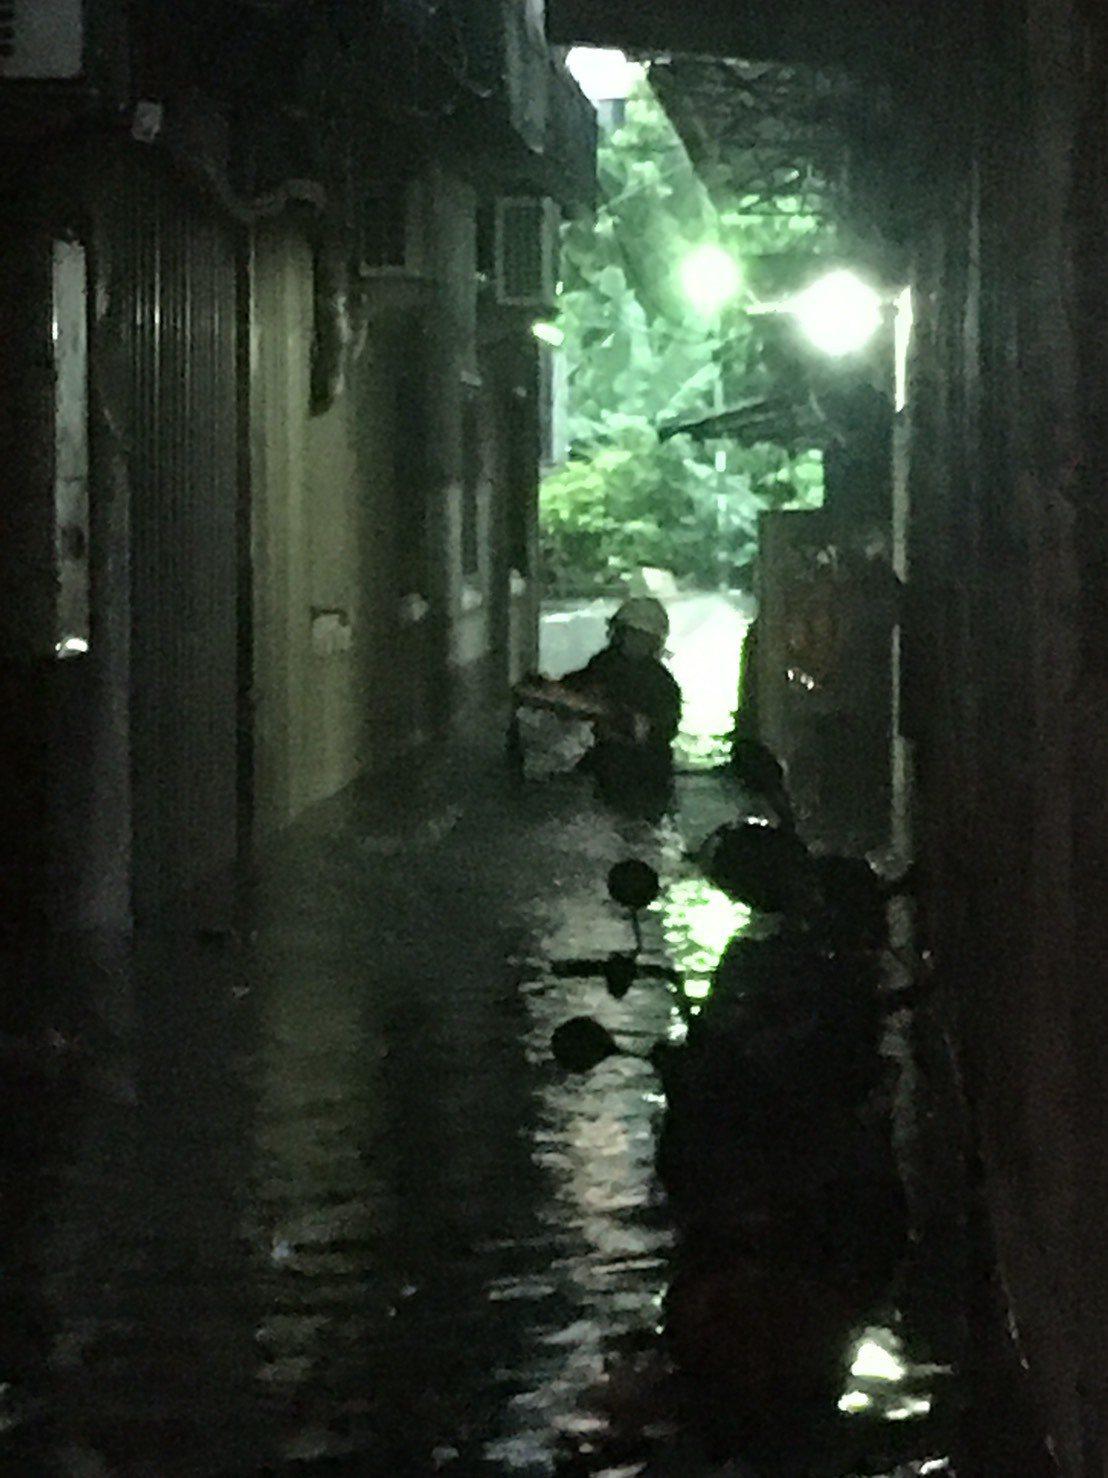 高雄市三民區水深及腰,消防人員出動救援。記者賴郁薇/翻攝